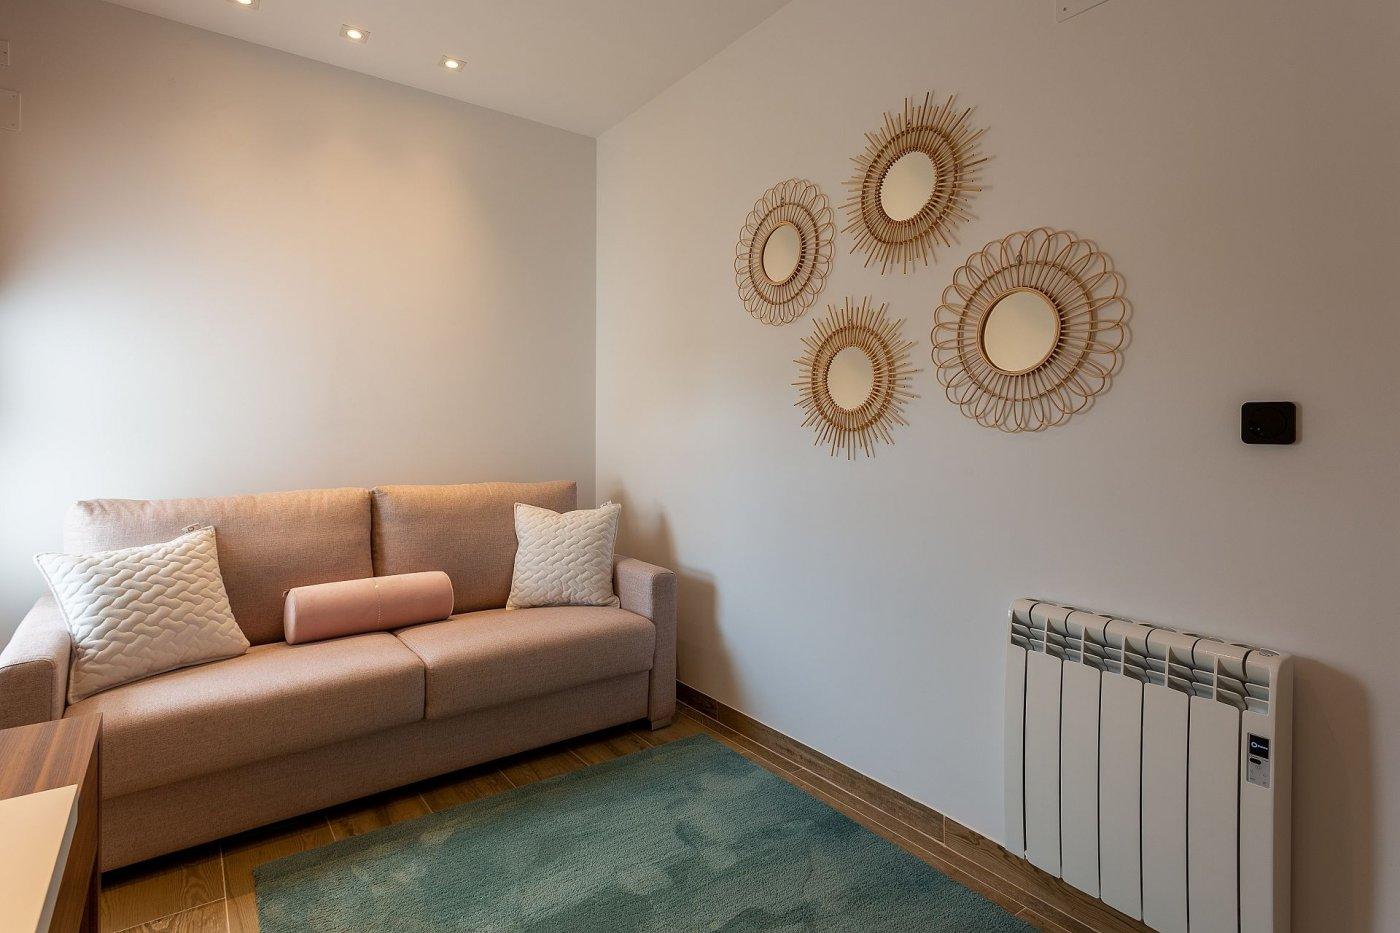 Complejo residencial de obra nueva en punta prima - imagenInmueble7